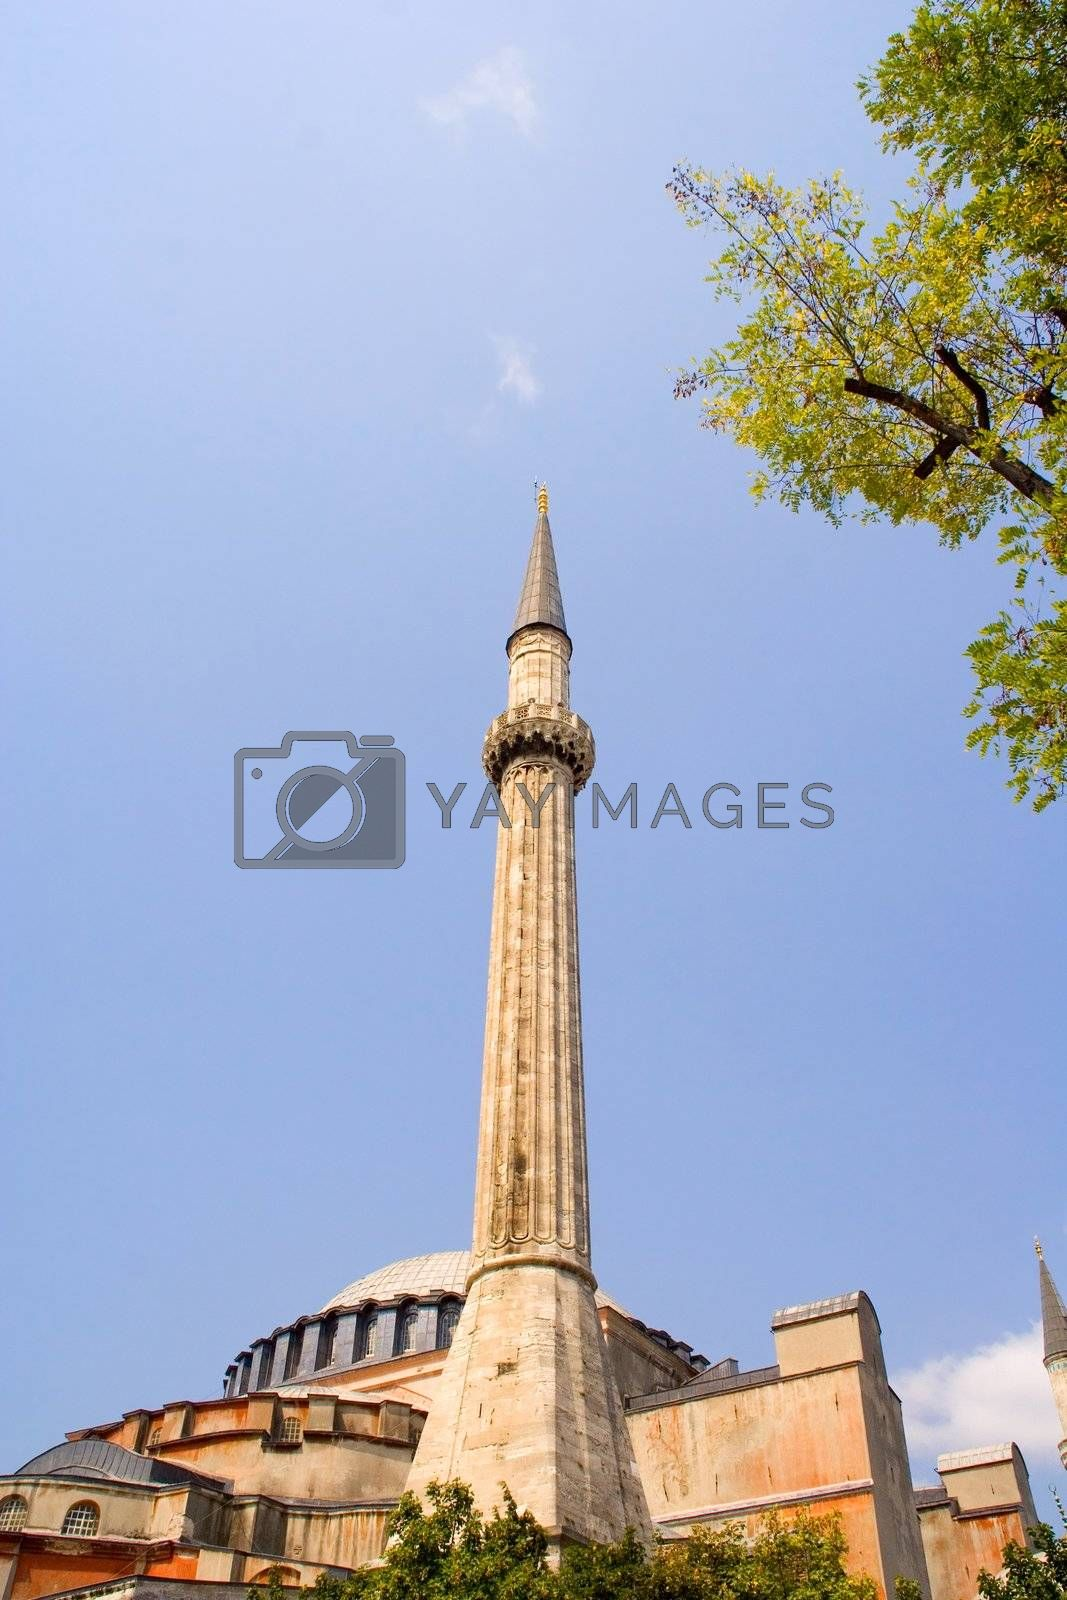 blue sky religion architecture tourism exterior tourism